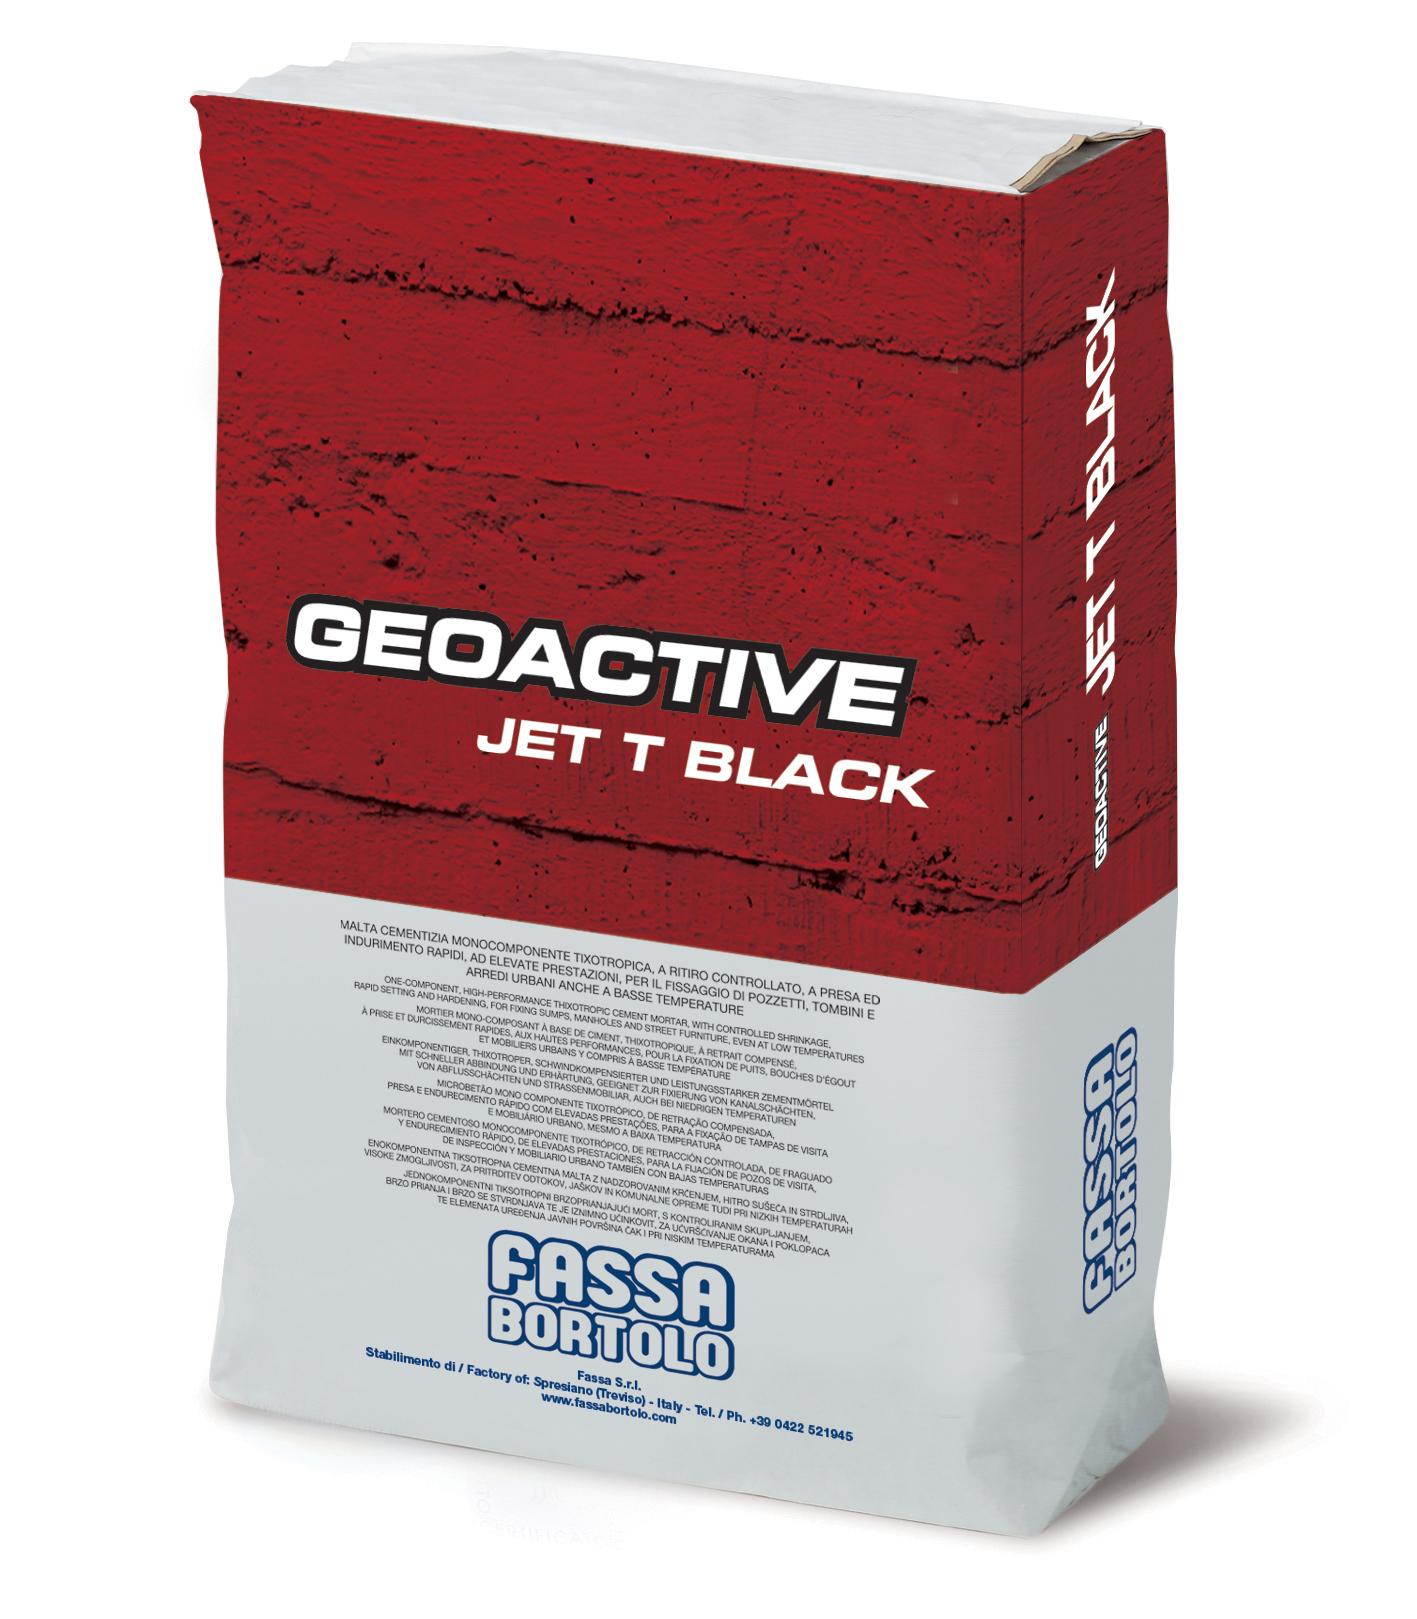 GEOACTIVE JET T BLACK: Malta cementizia monocomponente rapida, di colore nero, tixotropica, fibrorinforzata, ad elevate prestazioni, per il posizionamento dei chiusini e il fissaggio degli arredi urbani anche a basse temperature